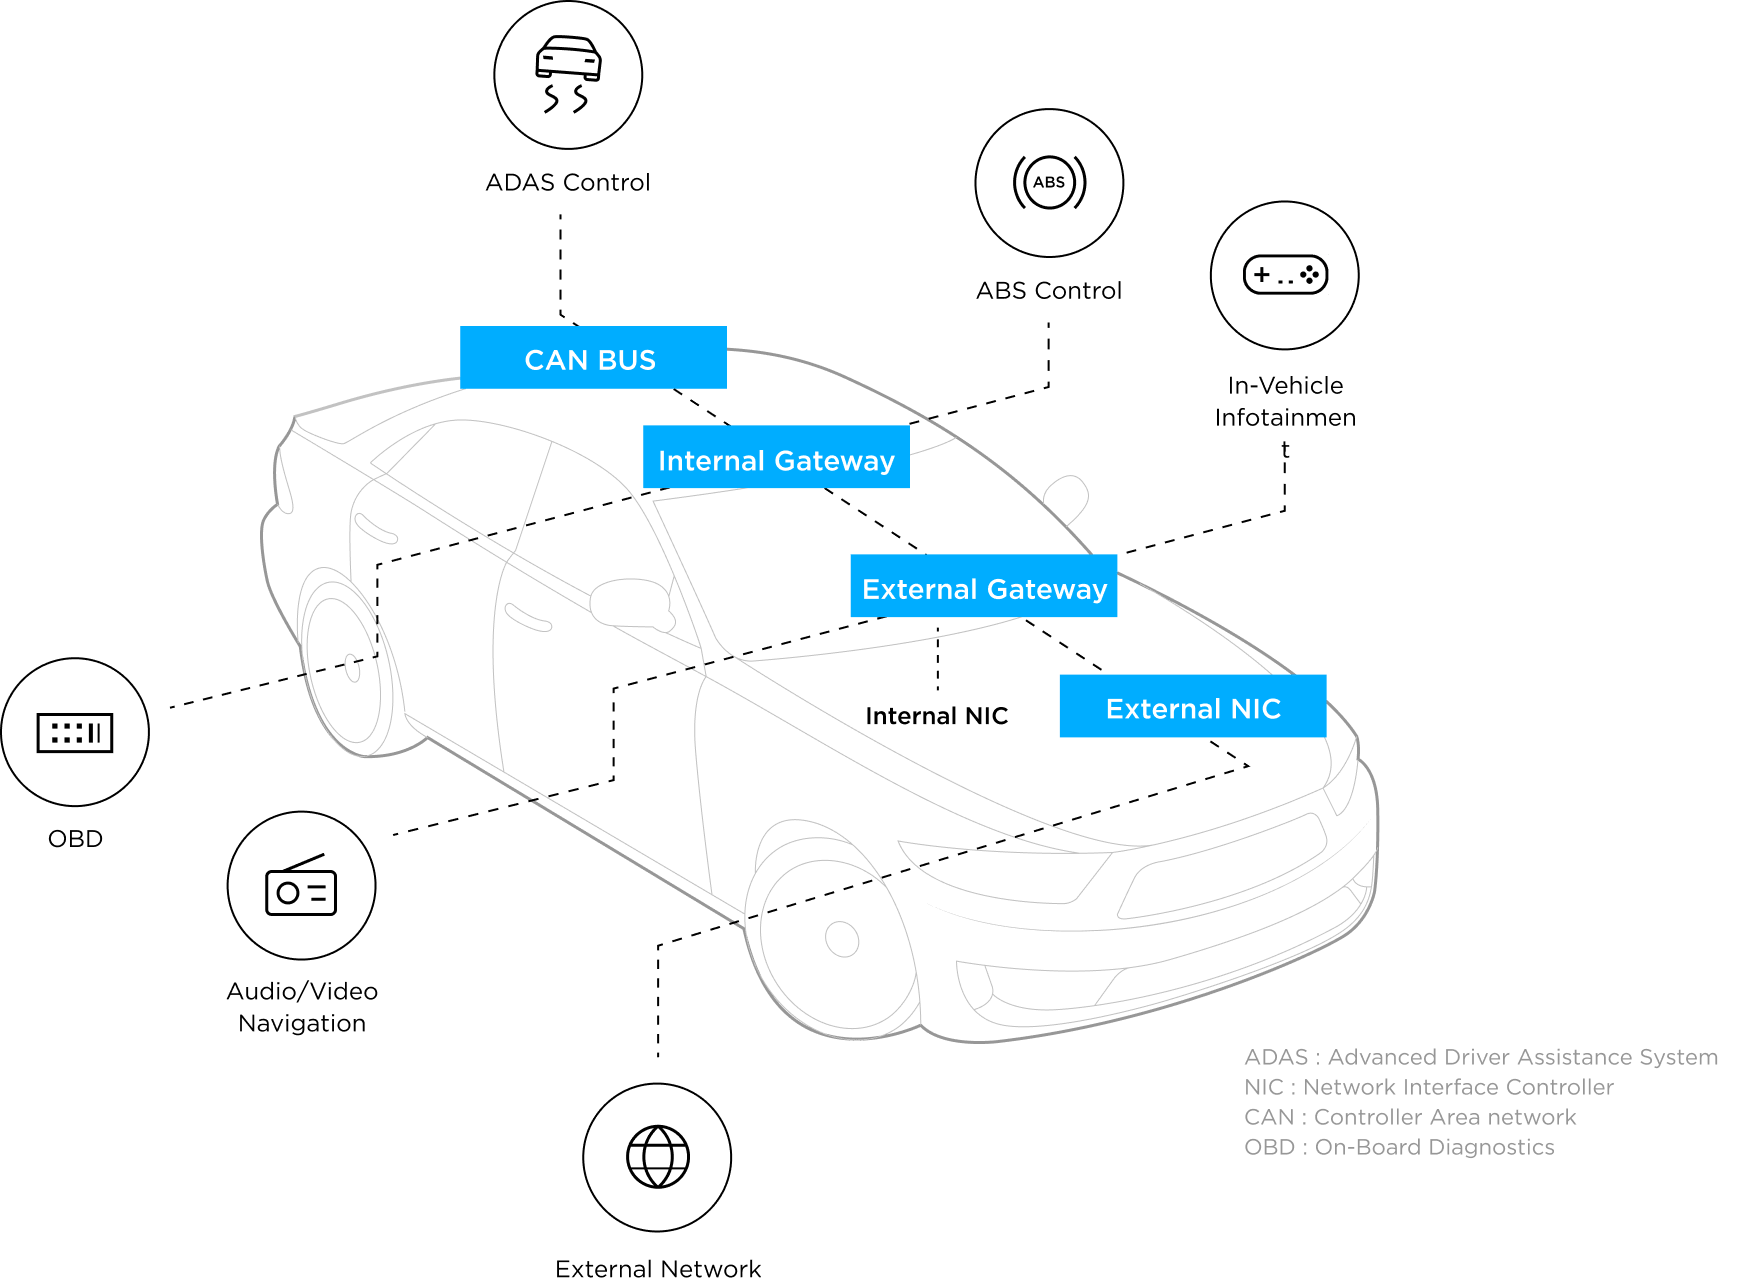 차량 내부 통신 흐름도 및 각 통신 설명